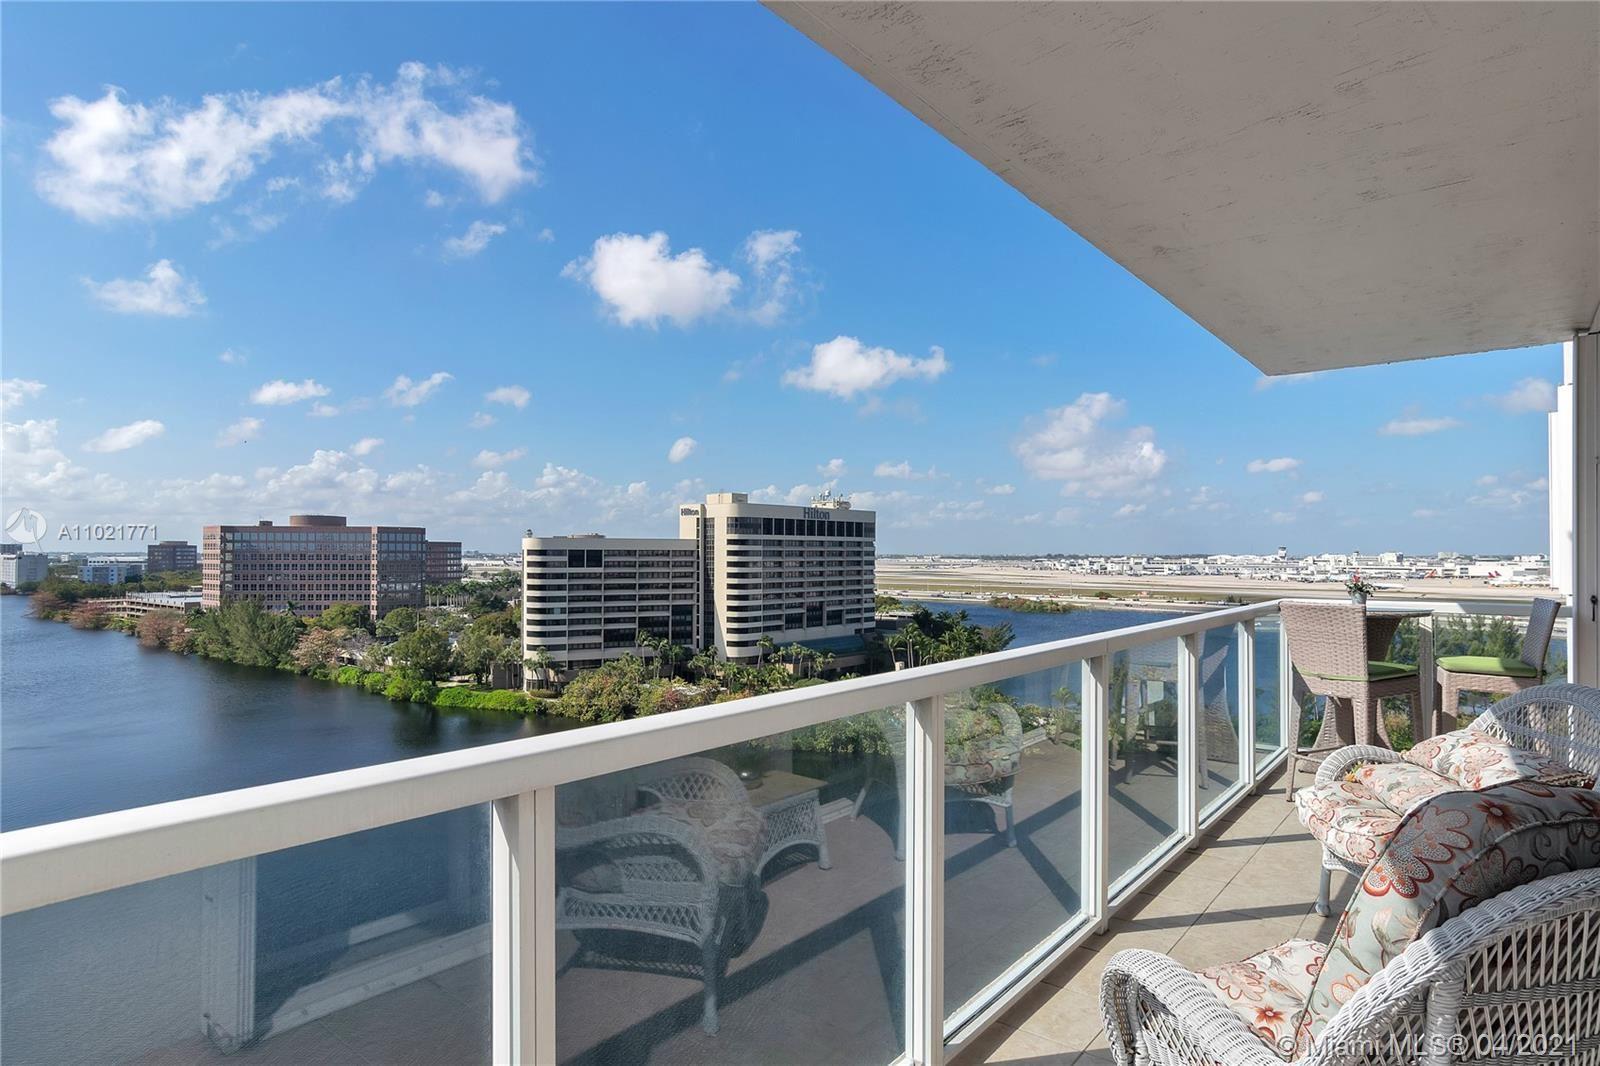 5077 NW 7th St #1202, Miami, FL 33126 - #: A11021771